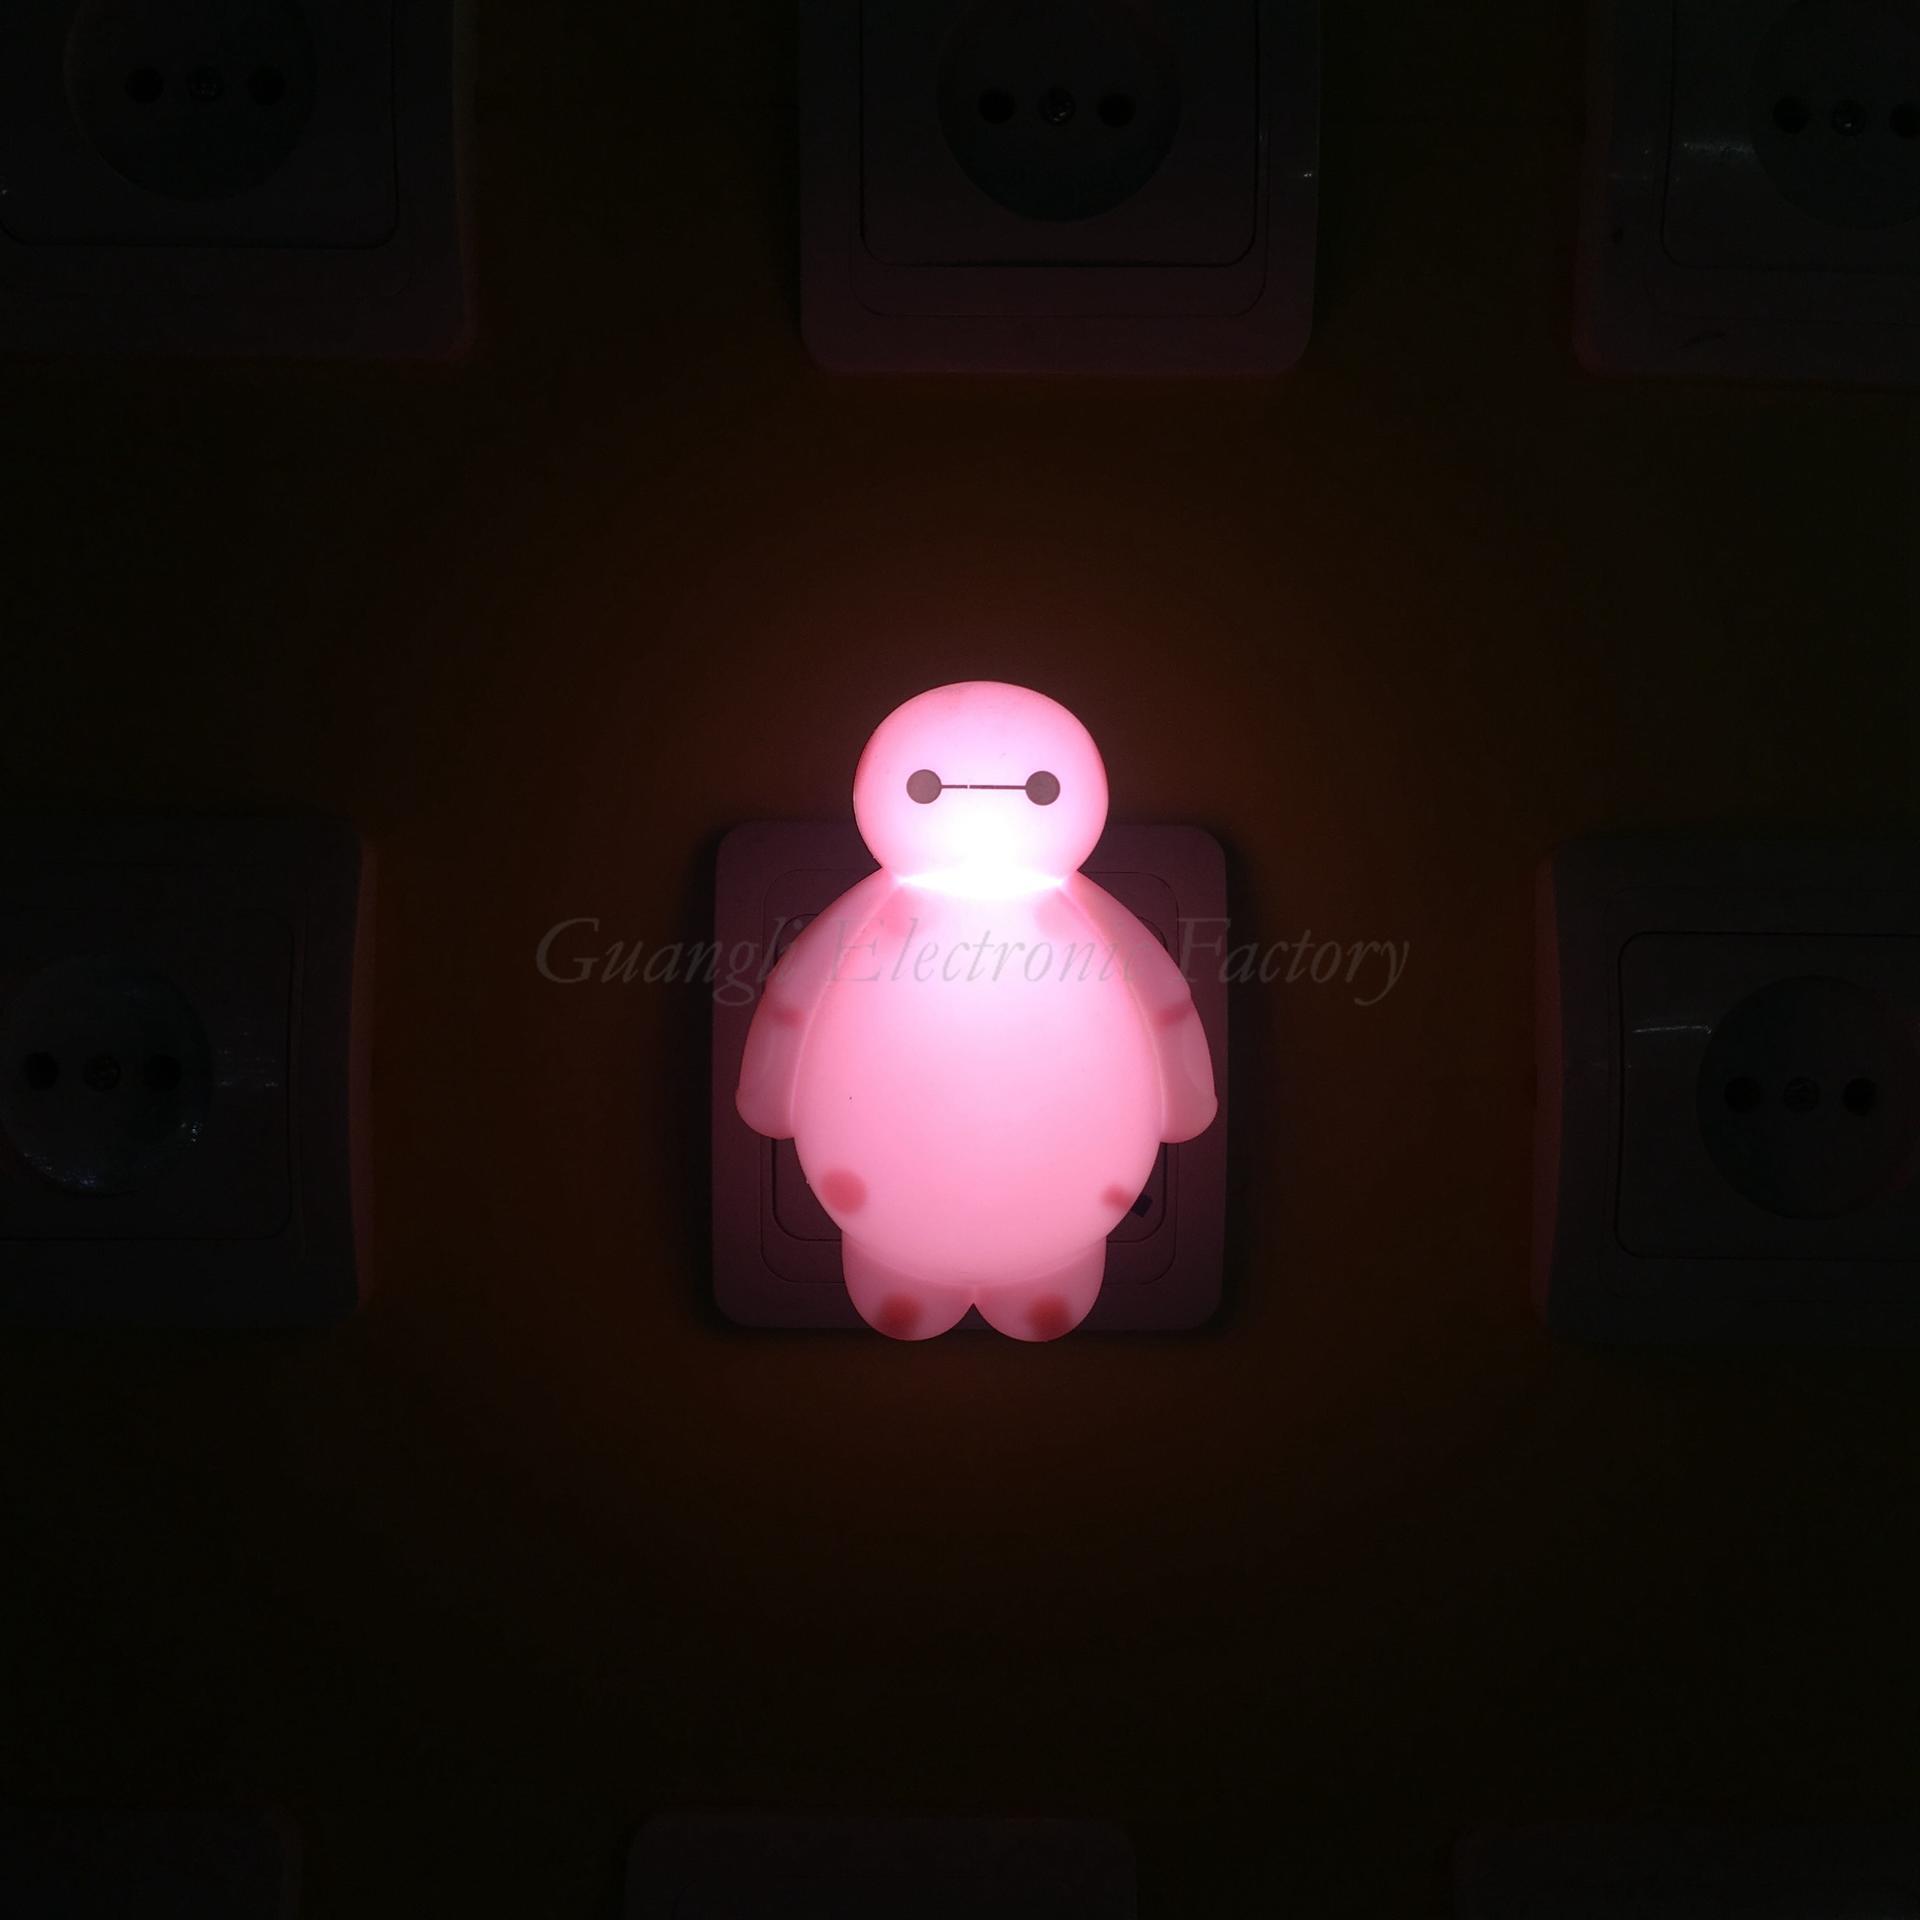 OEM LED Night Light Lamp Creative Cartoon Style Baby sleep Lights decoration LAMP Nightlight EU and US Plug